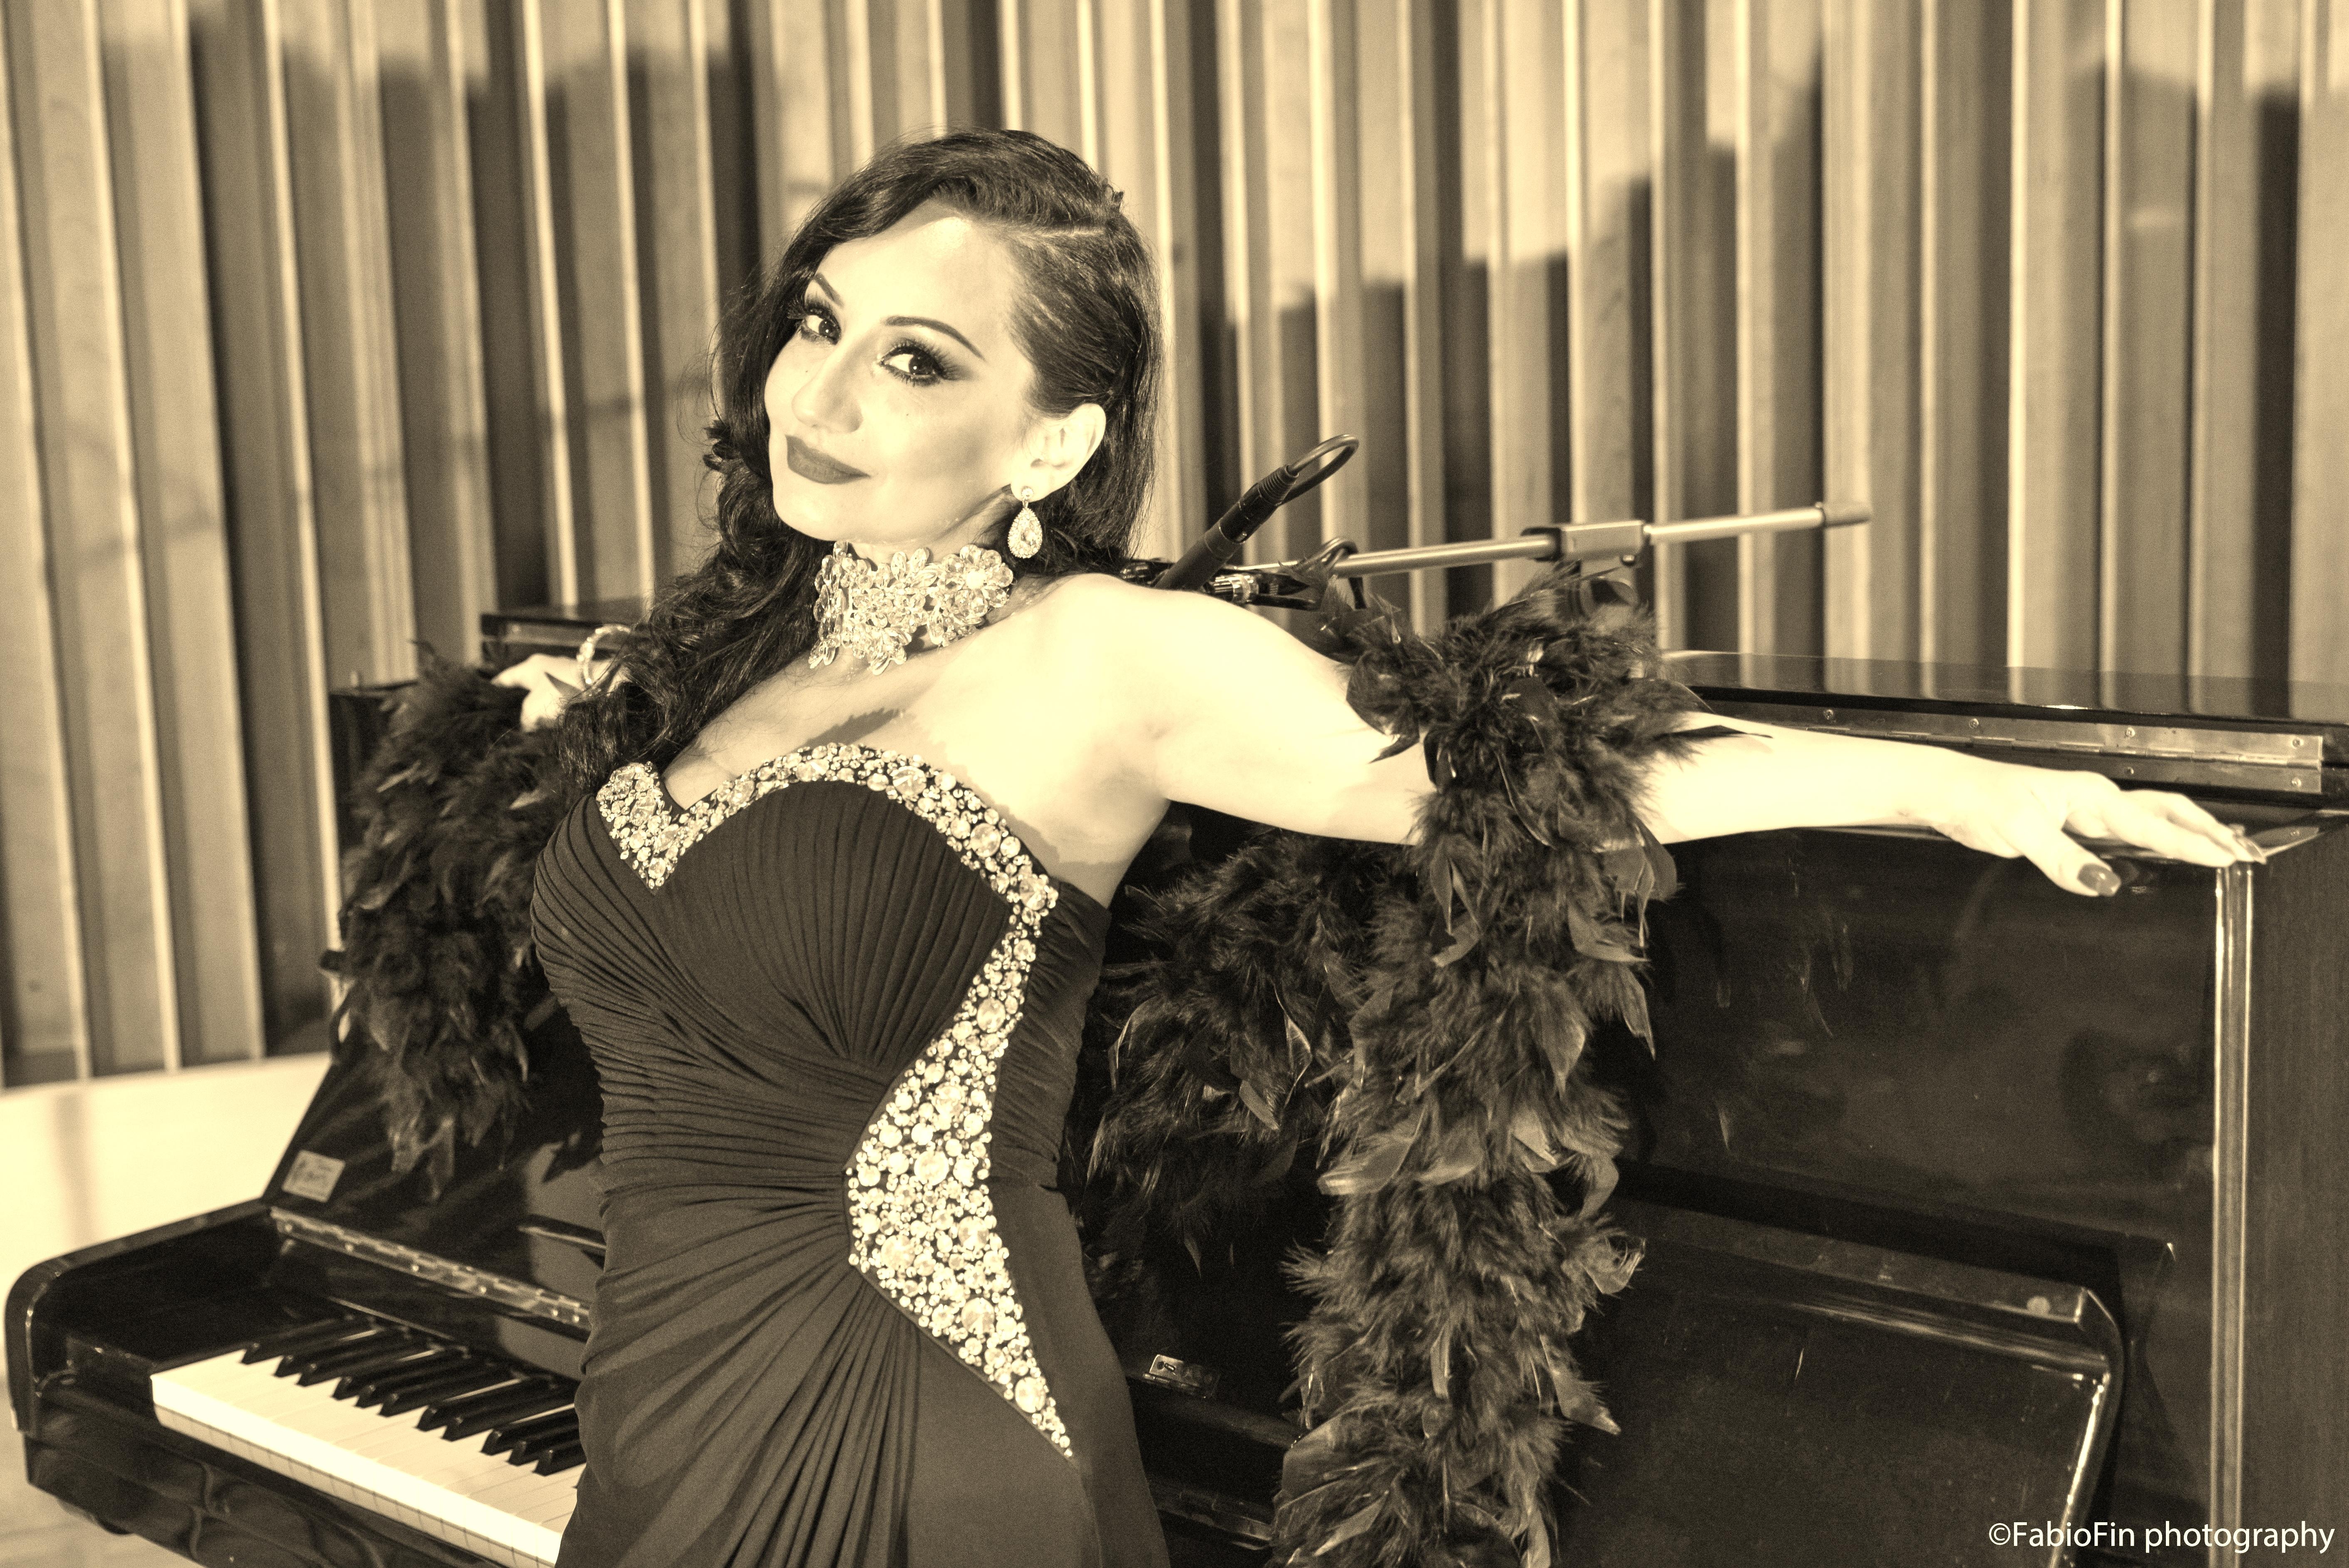 Lucia Sinatra